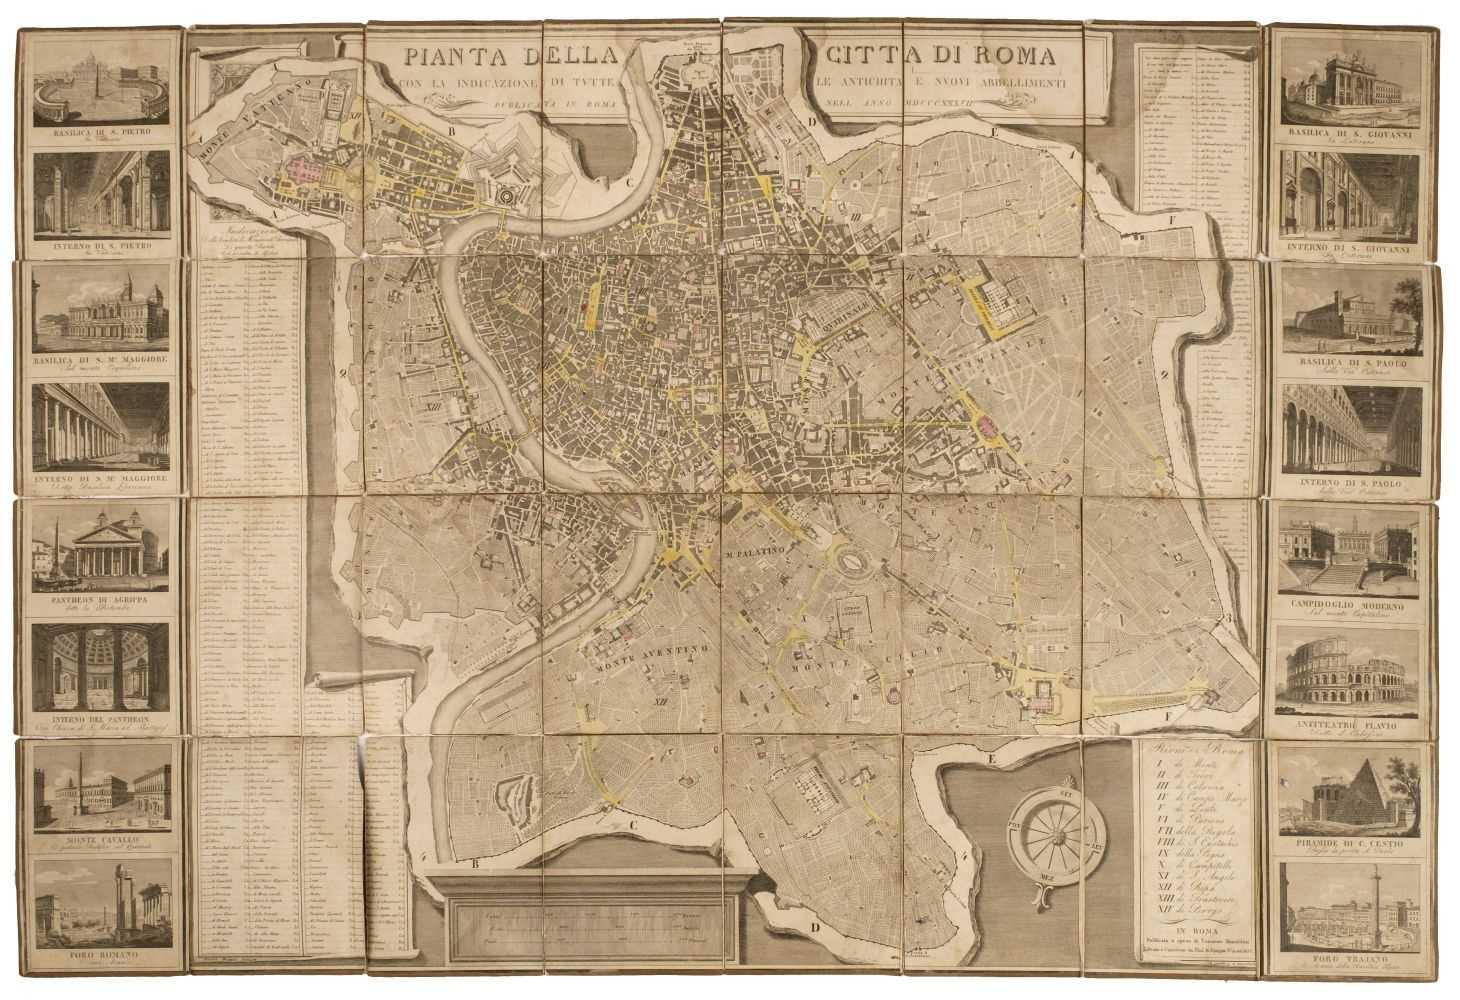 Lot 9 - Rome. Pianta della citta di Roma, 1837 & 1 other